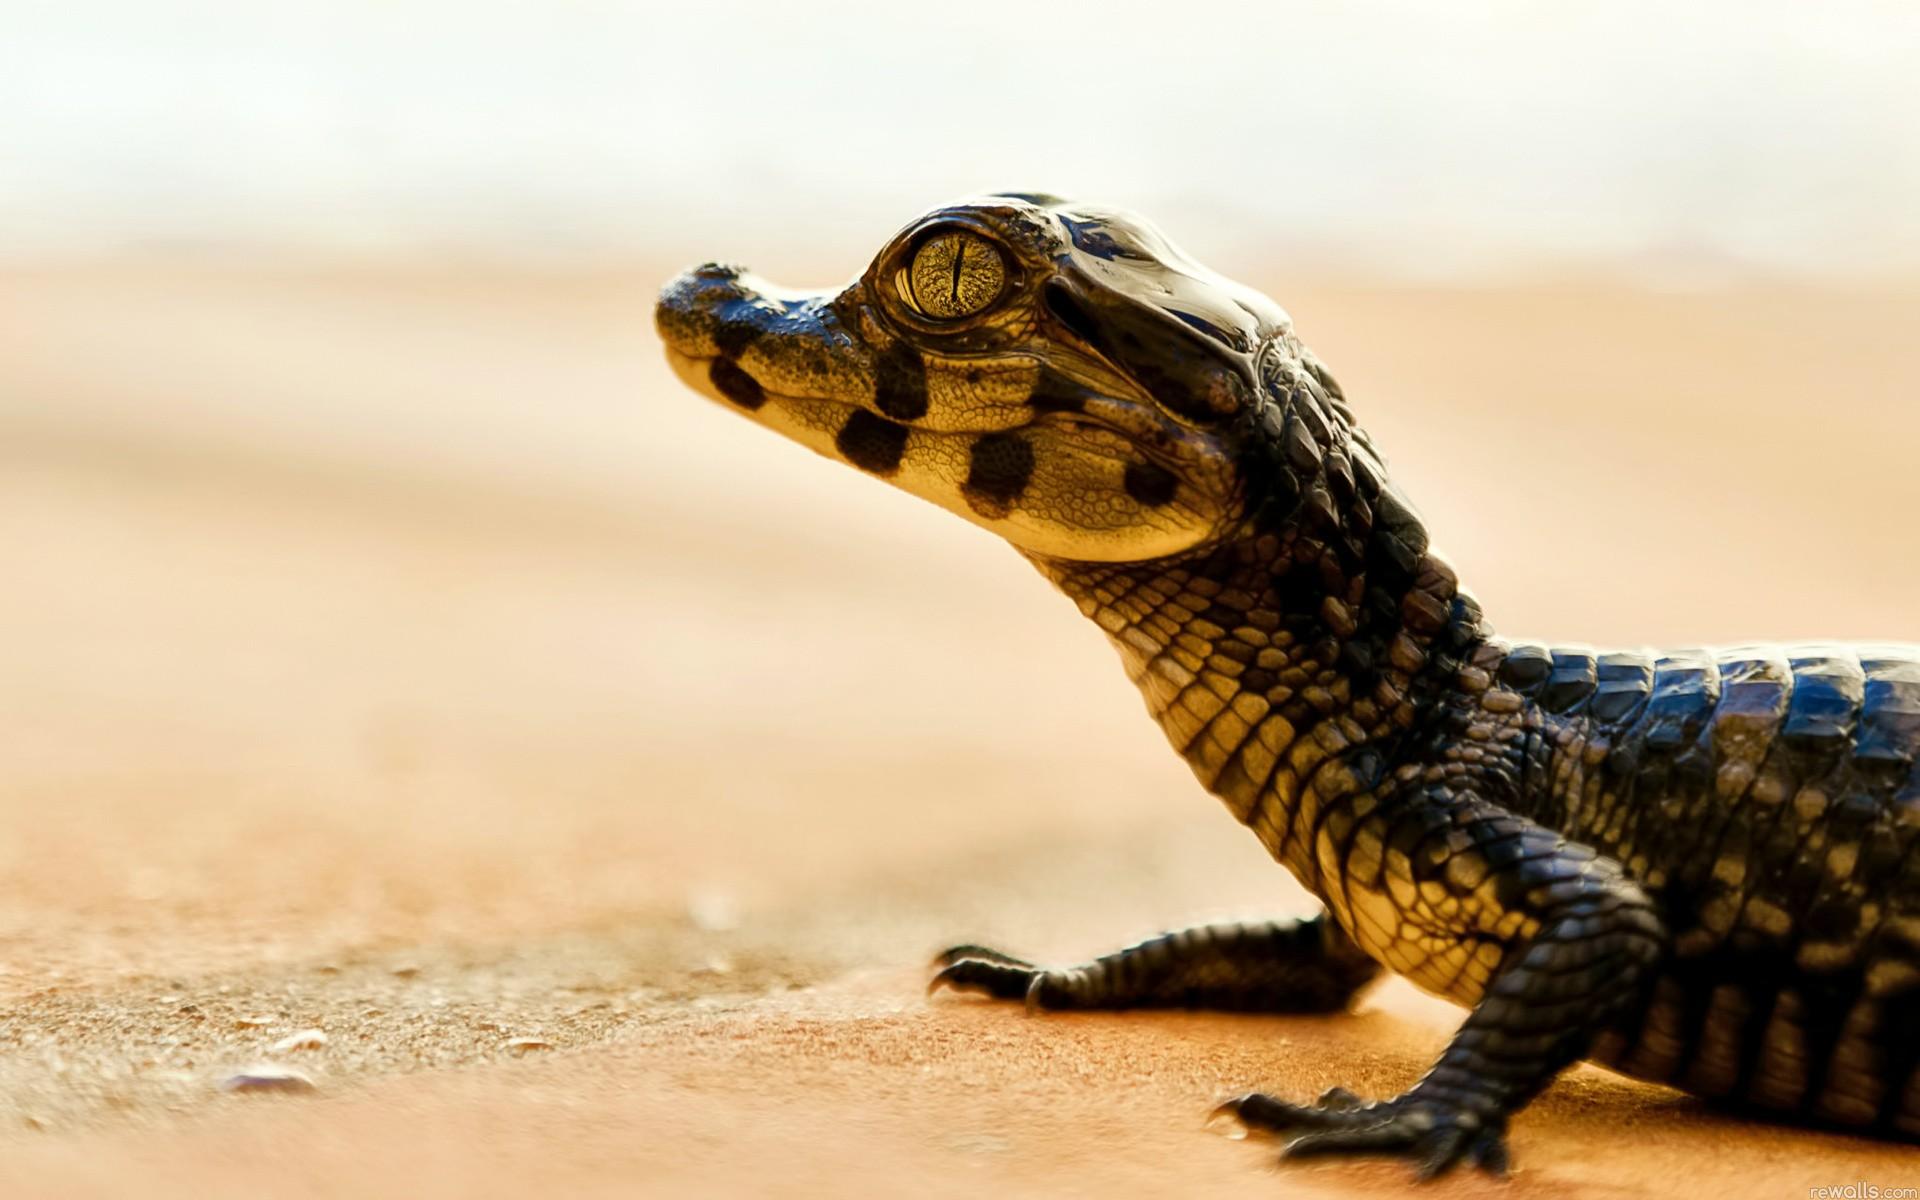 Un pequeño caimán - 1920x1200